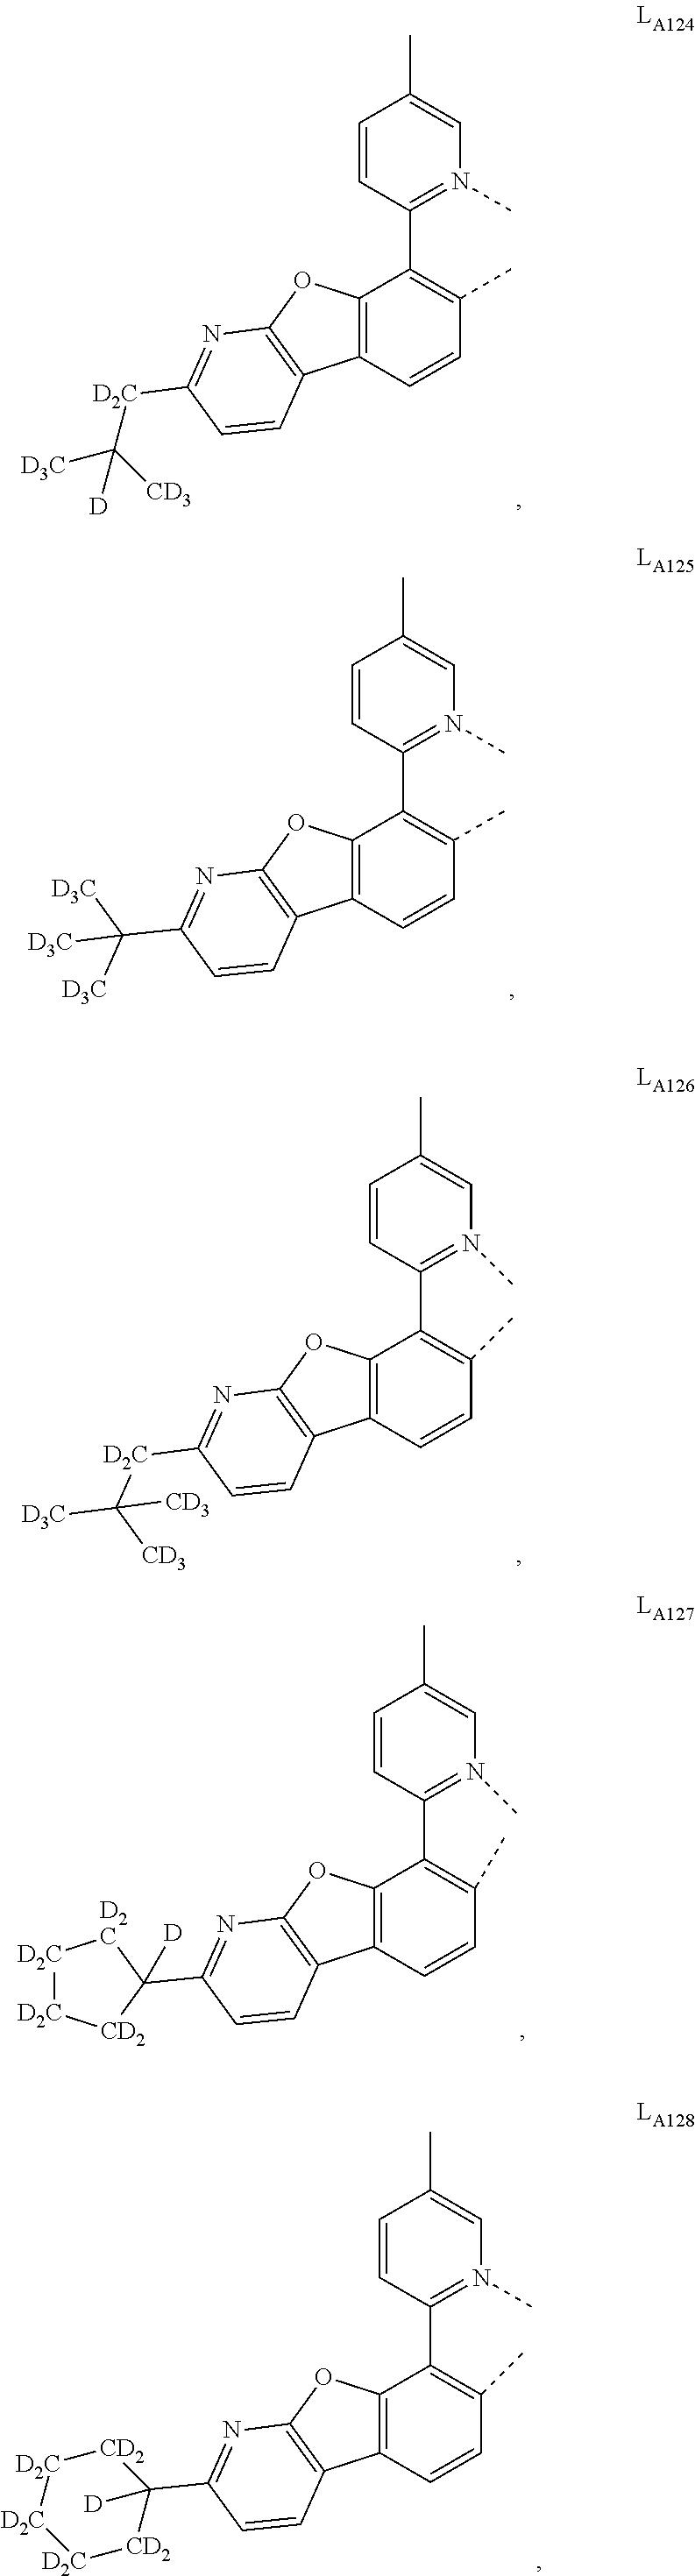 Figure US20160049599A1-20160218-C00425